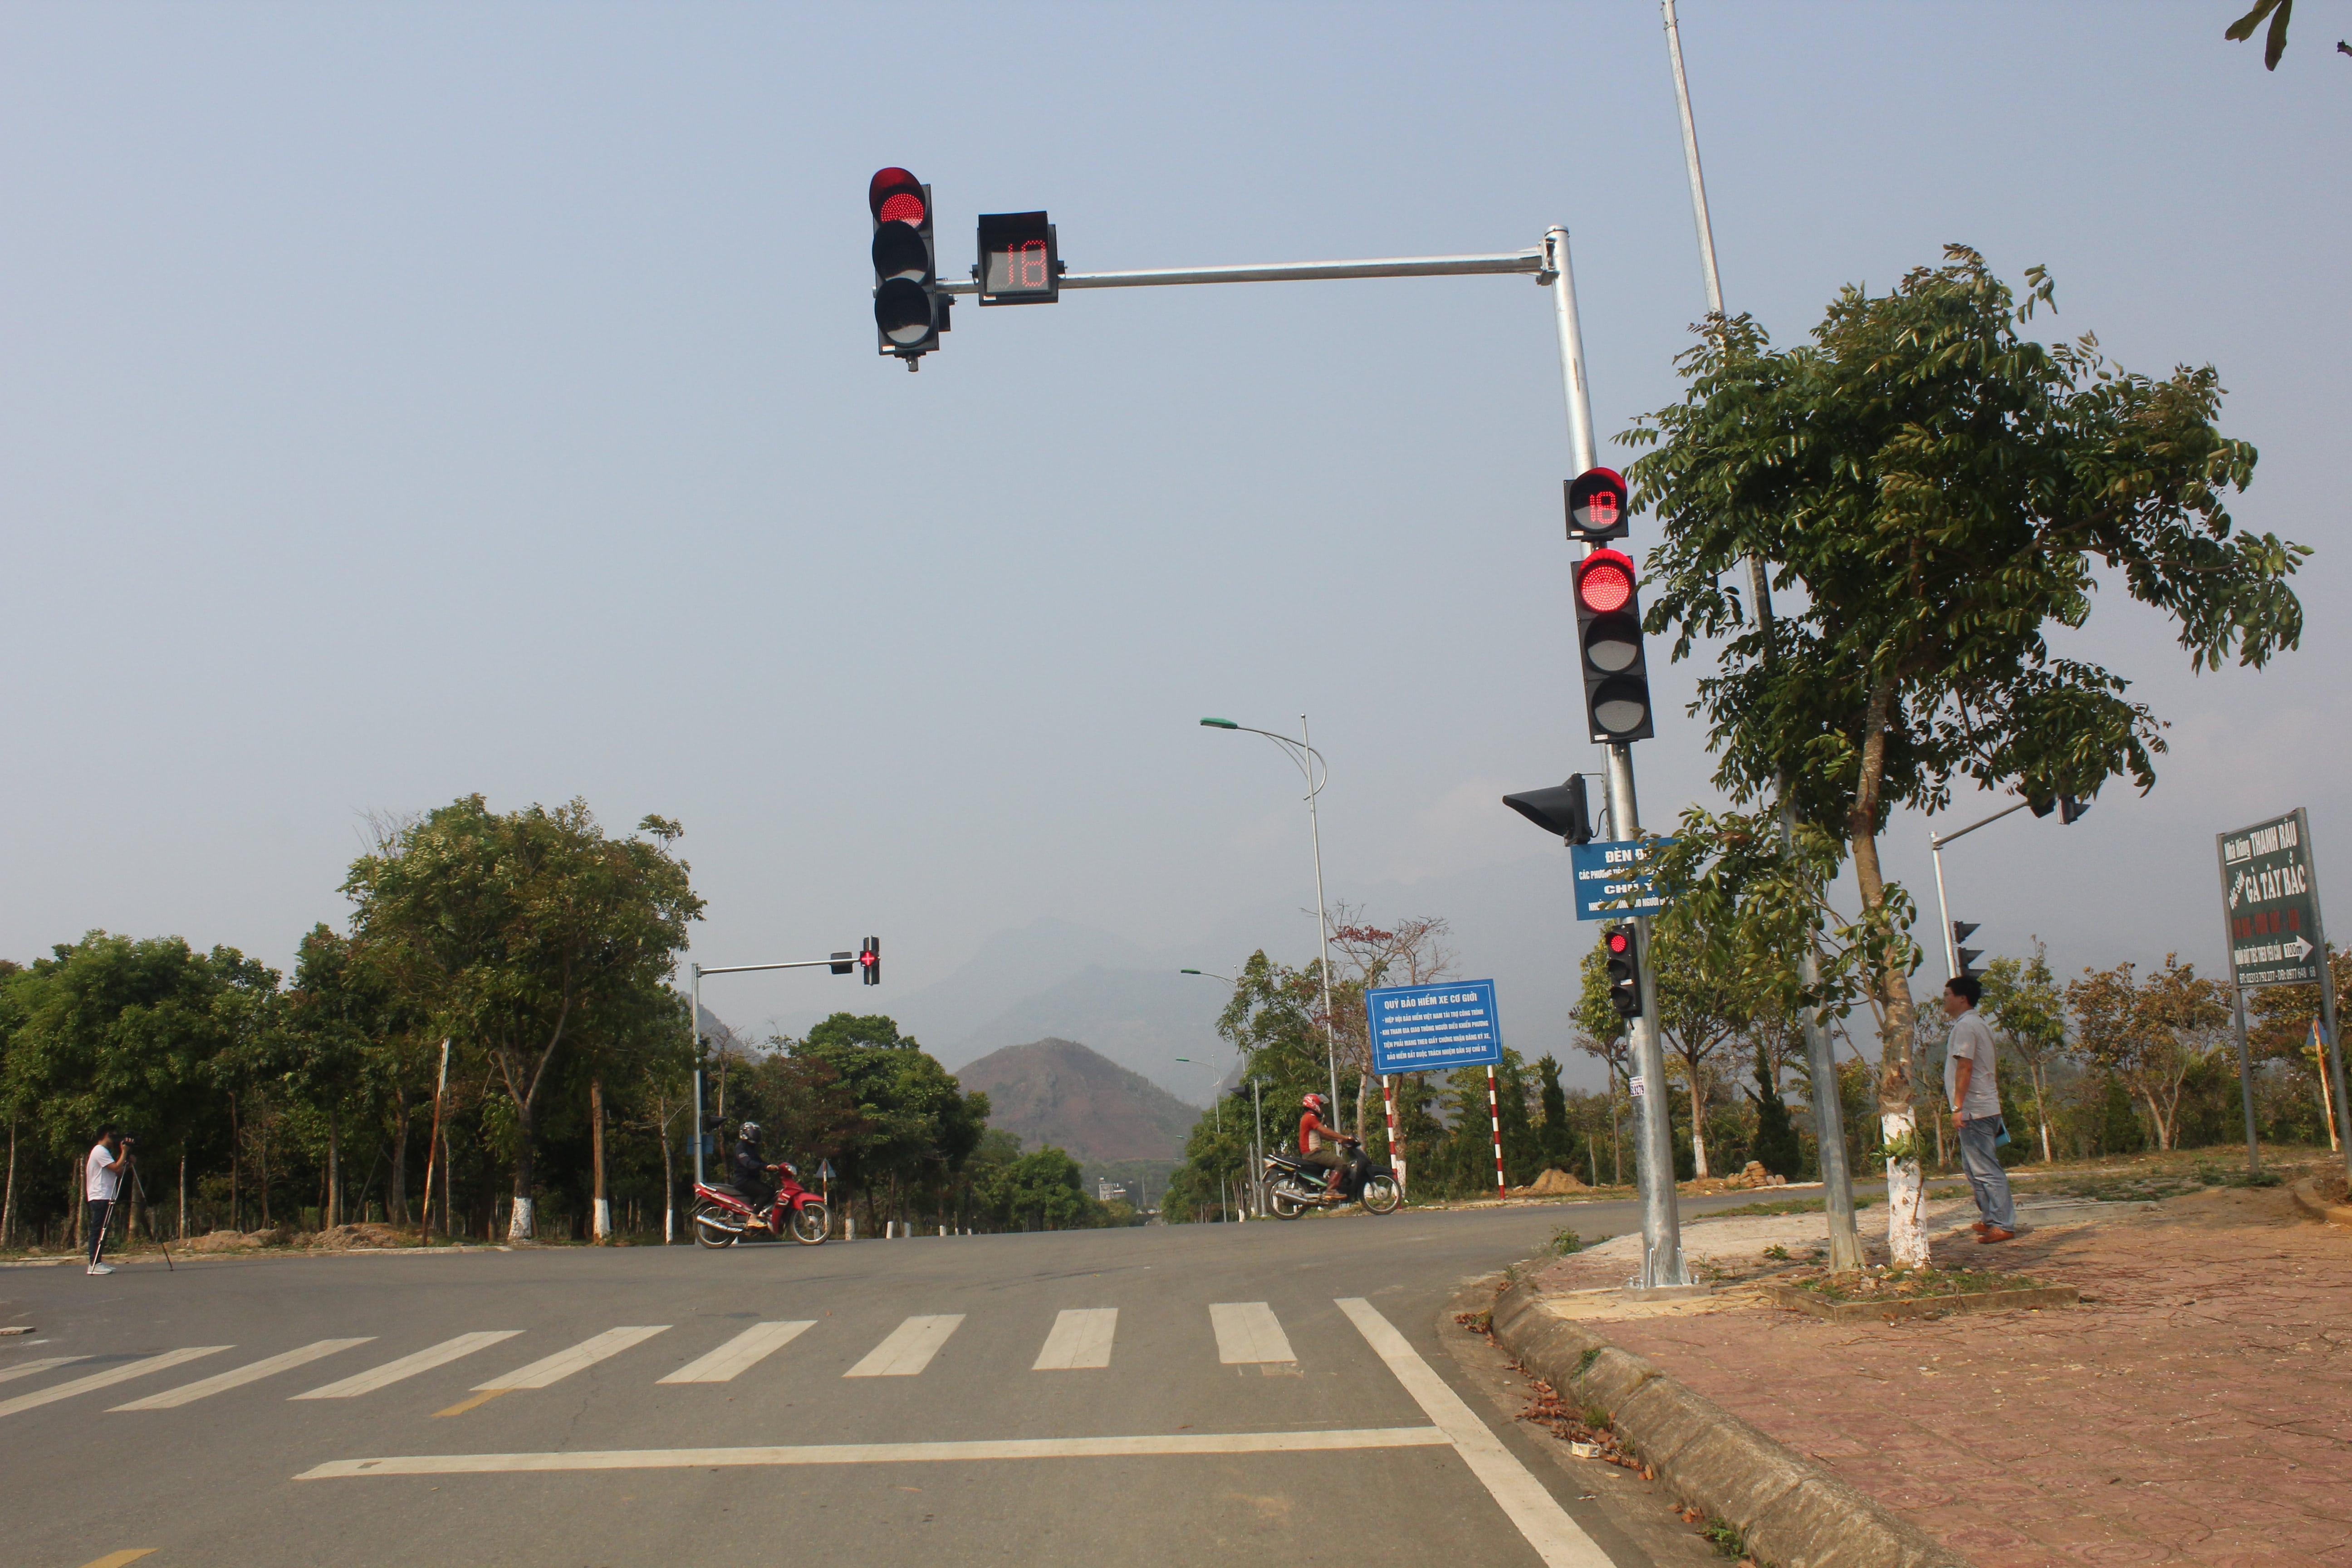 Quỹ bảo hiểm xe cơ giới đóng góp tài trợ công trình đề phòng hạn chế tổn thất giao thông tại Thành phố Lai Châu